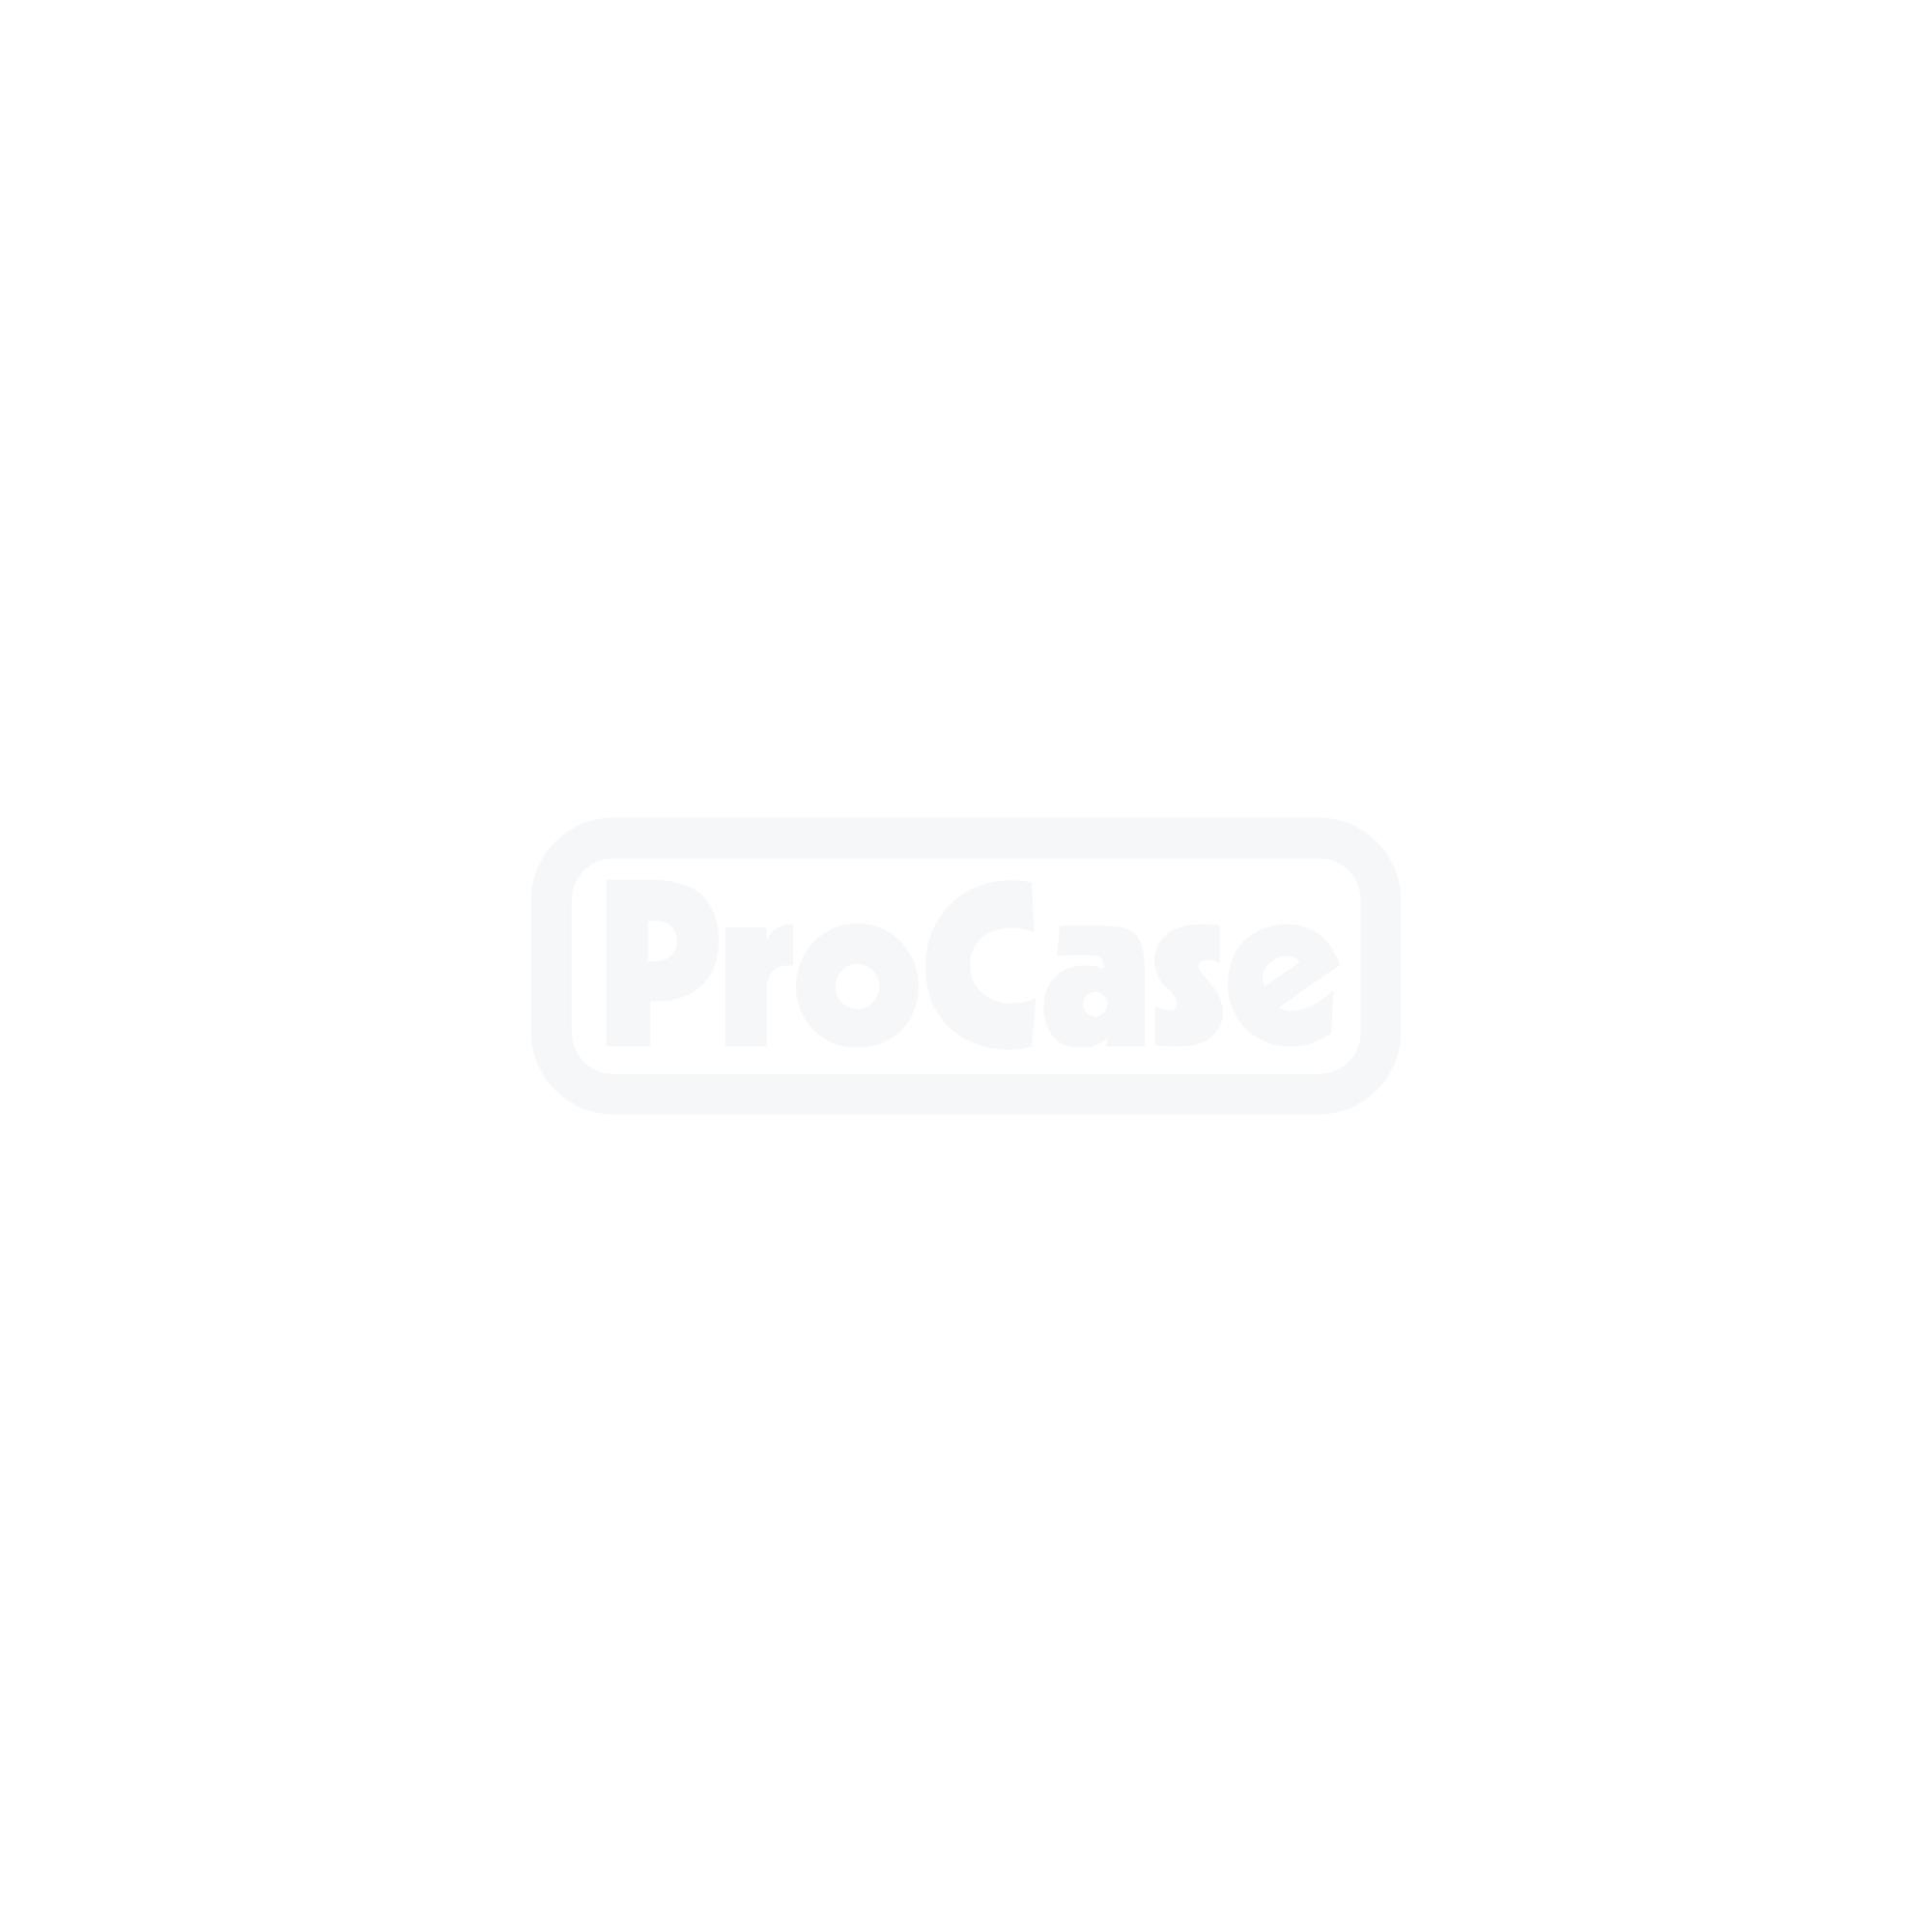 19 Zoll Standard Rack 10HE/10HE Singledoor mit Topdeckel 3